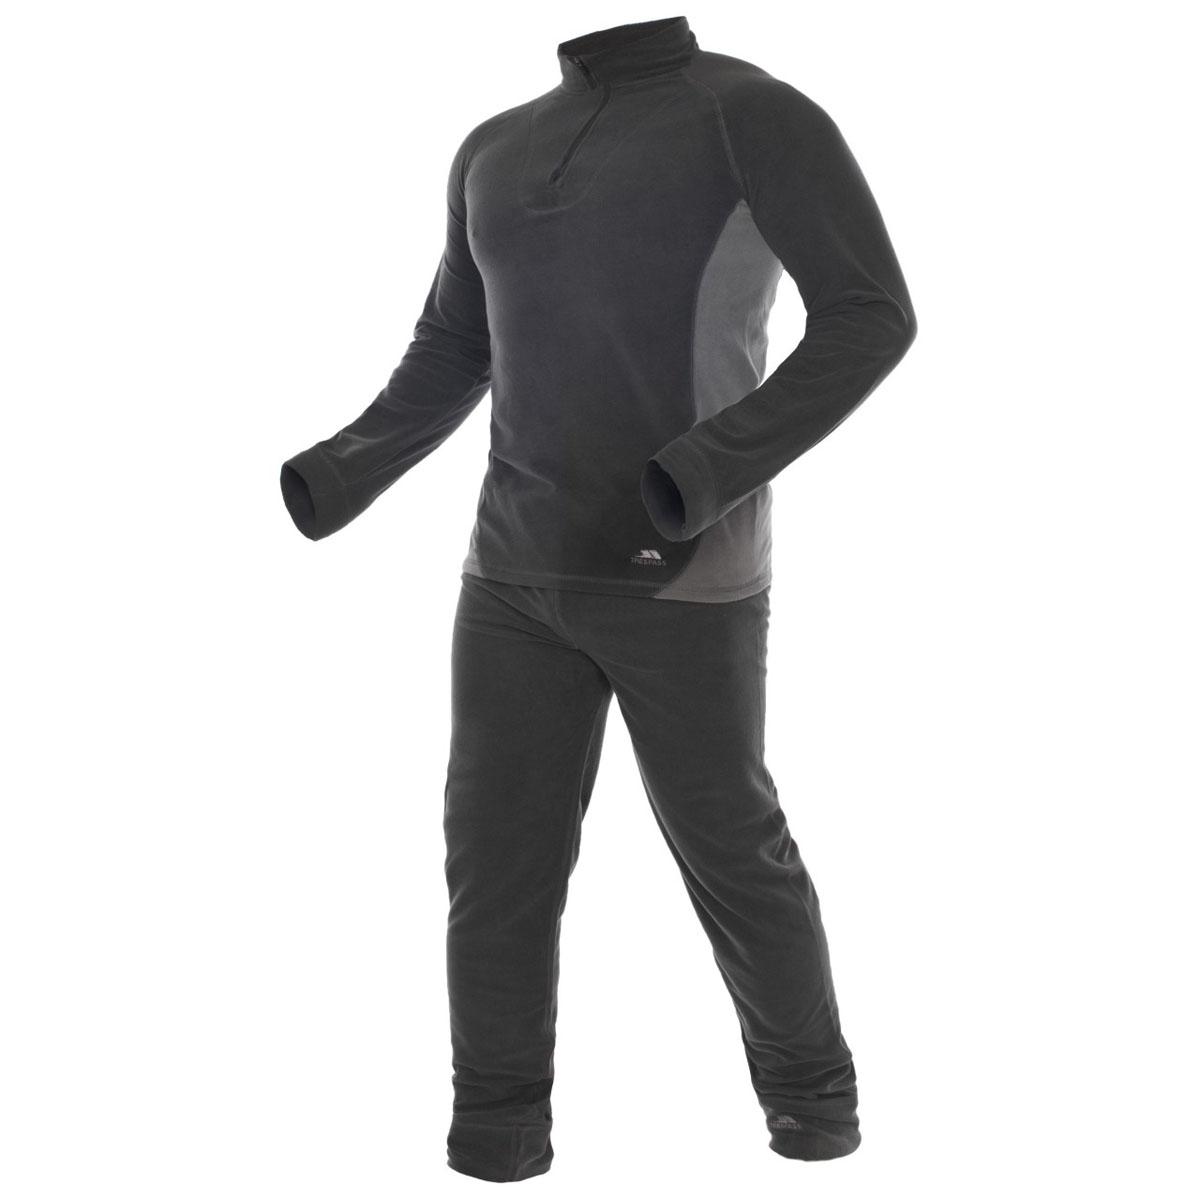 Термобелье комплект (брюки и кофта)UABLSEF20001Термобелье комплект из микрофлиса 160 г/м2. Футболка с длинным рукавом , короткой молнией и брюки. Отлично согреет Вас в суровую русскую зиму.